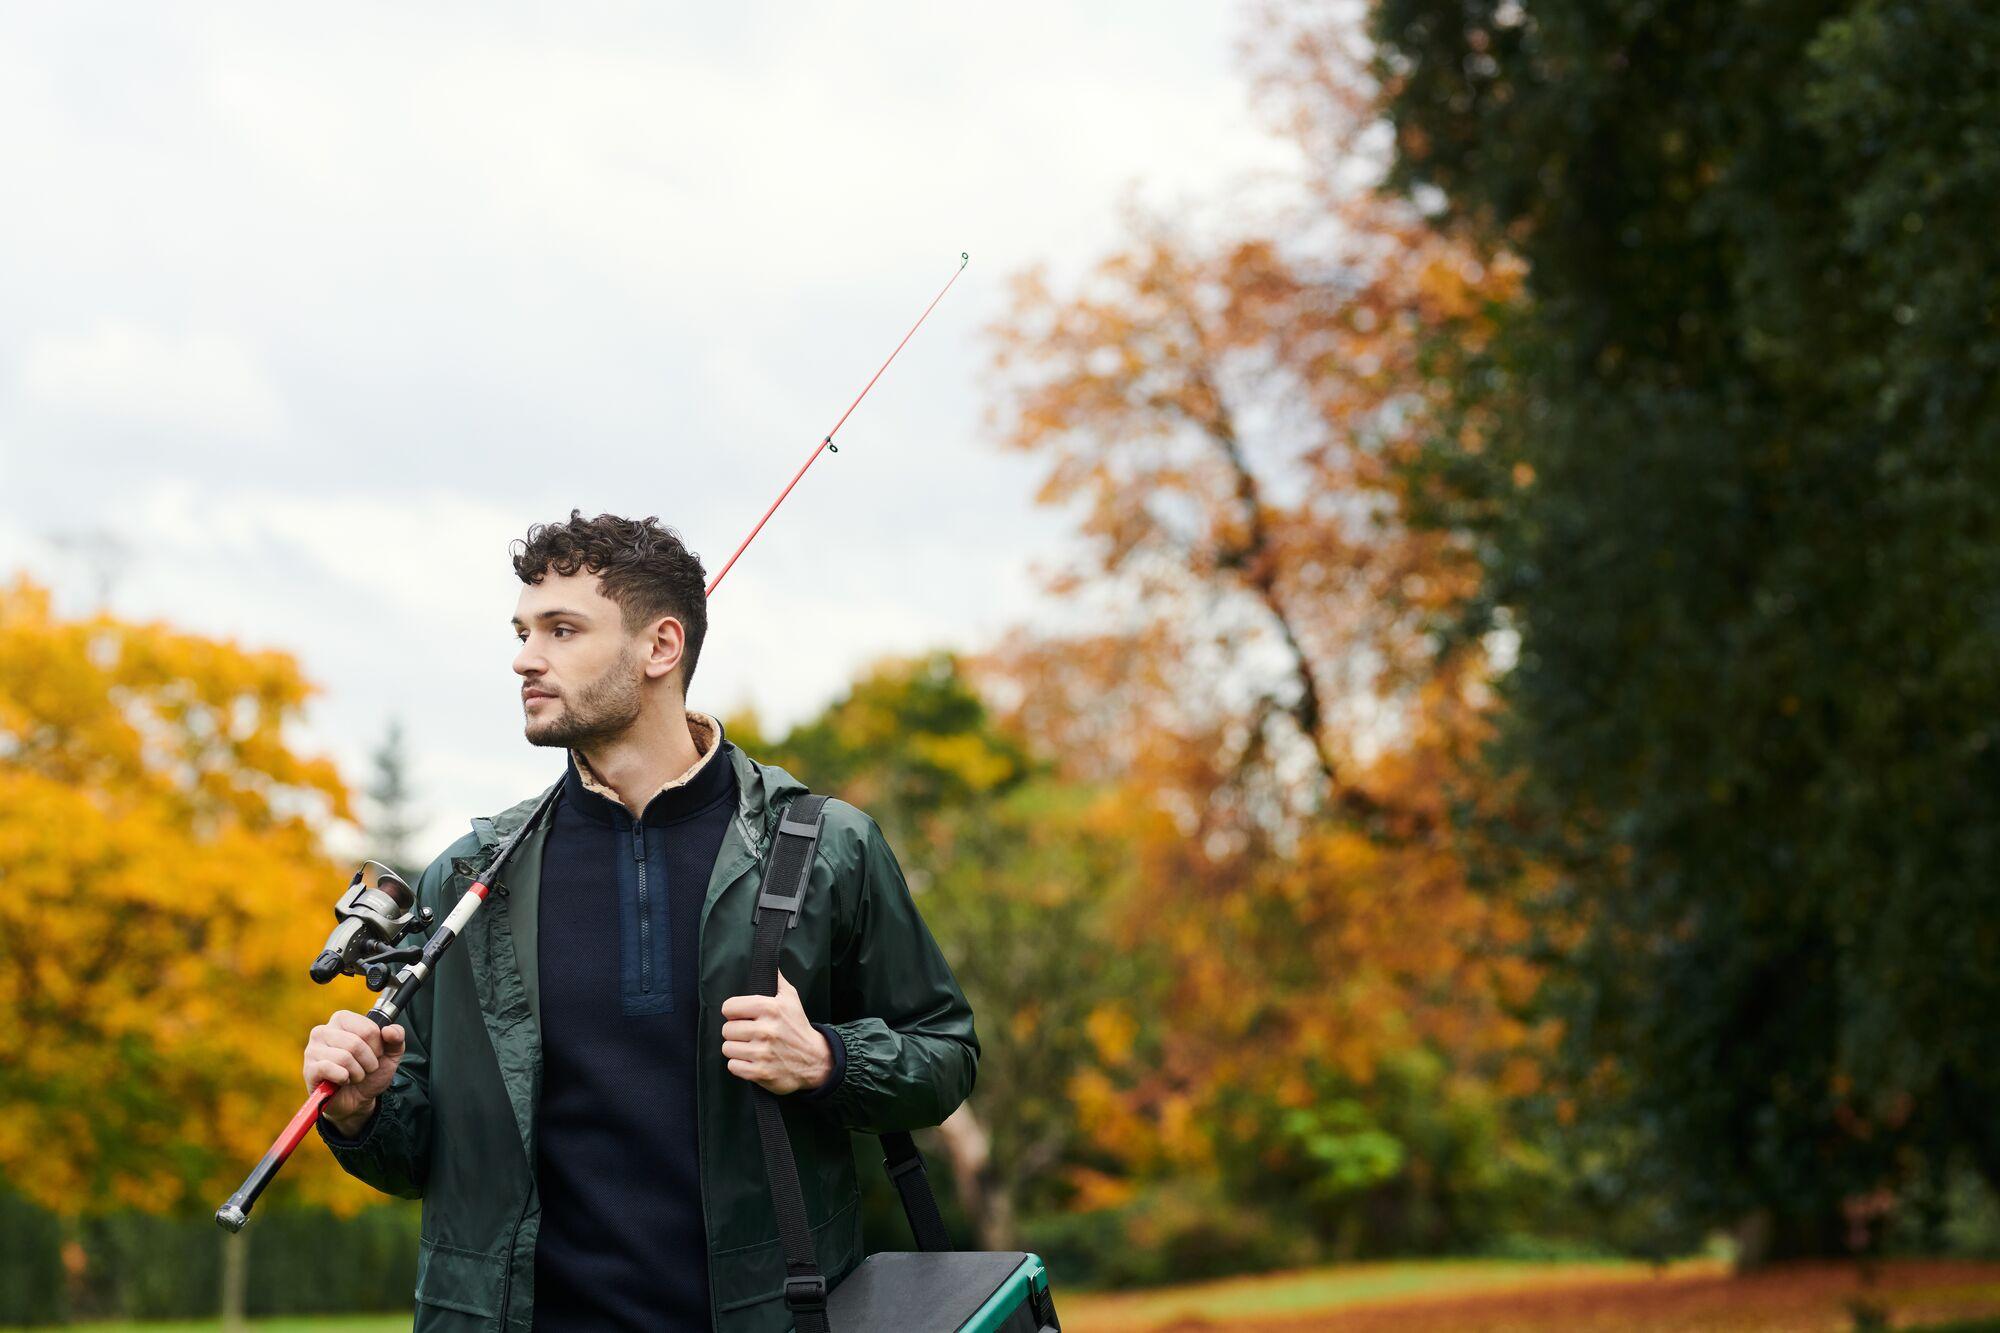 Man Carrying Fishing Equipment